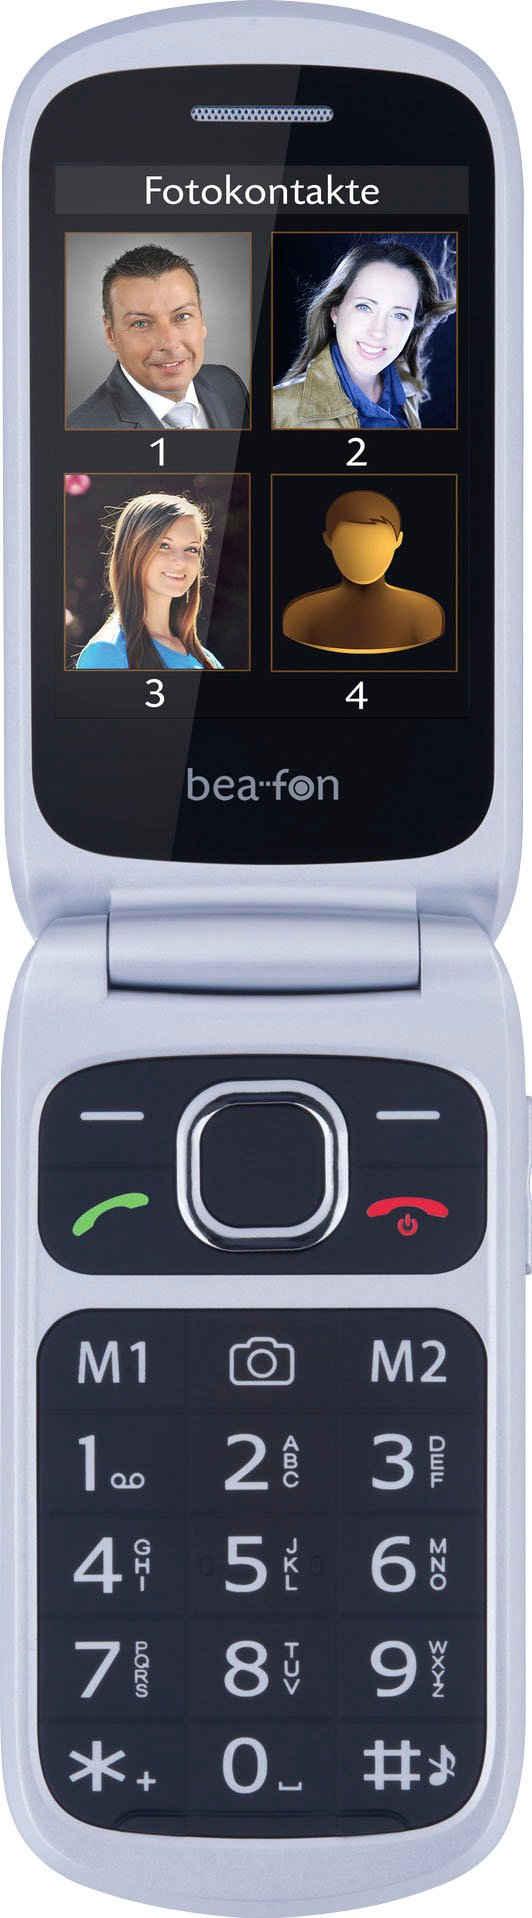 Beafon SL630 Klapphandy (7,12 cm/2,8 Zoll, 1 MP Kamera)